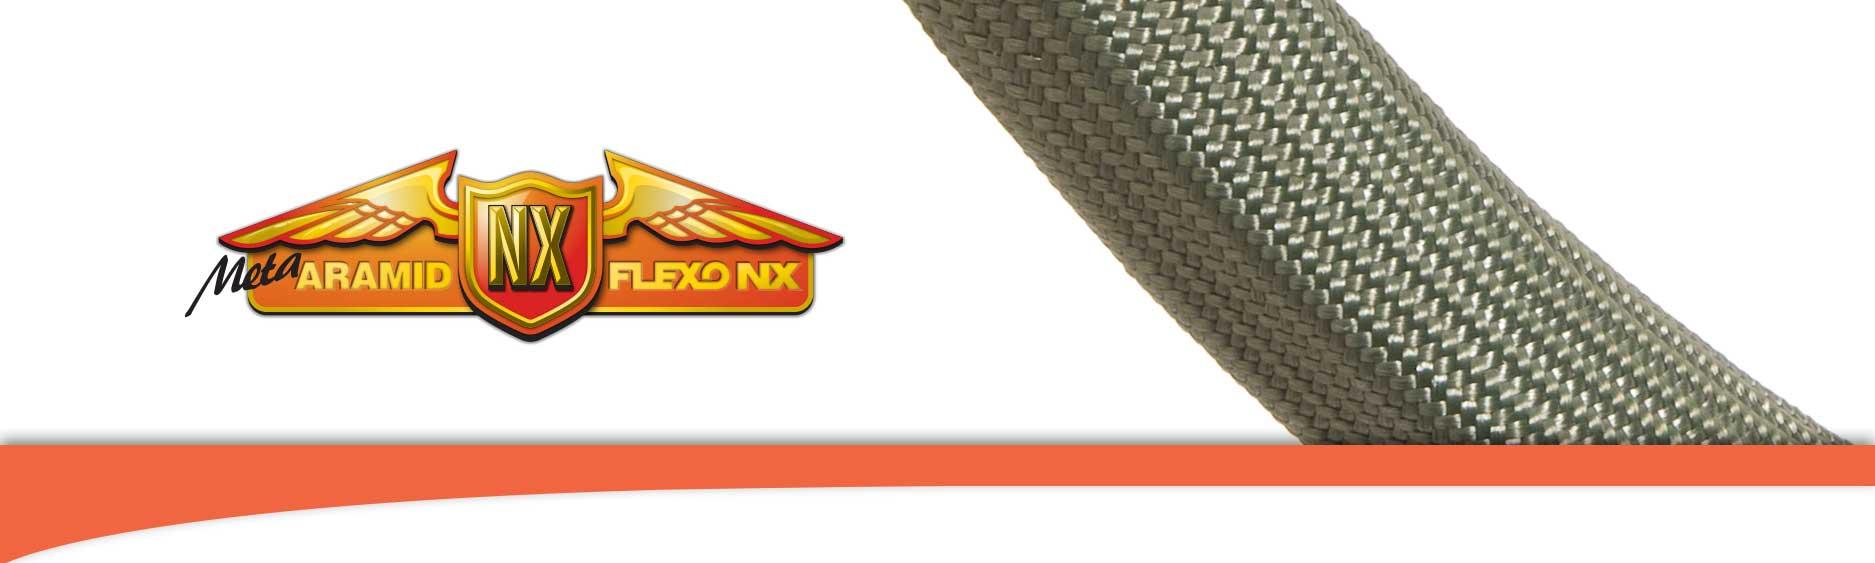 Aramid NX Flexo. NX